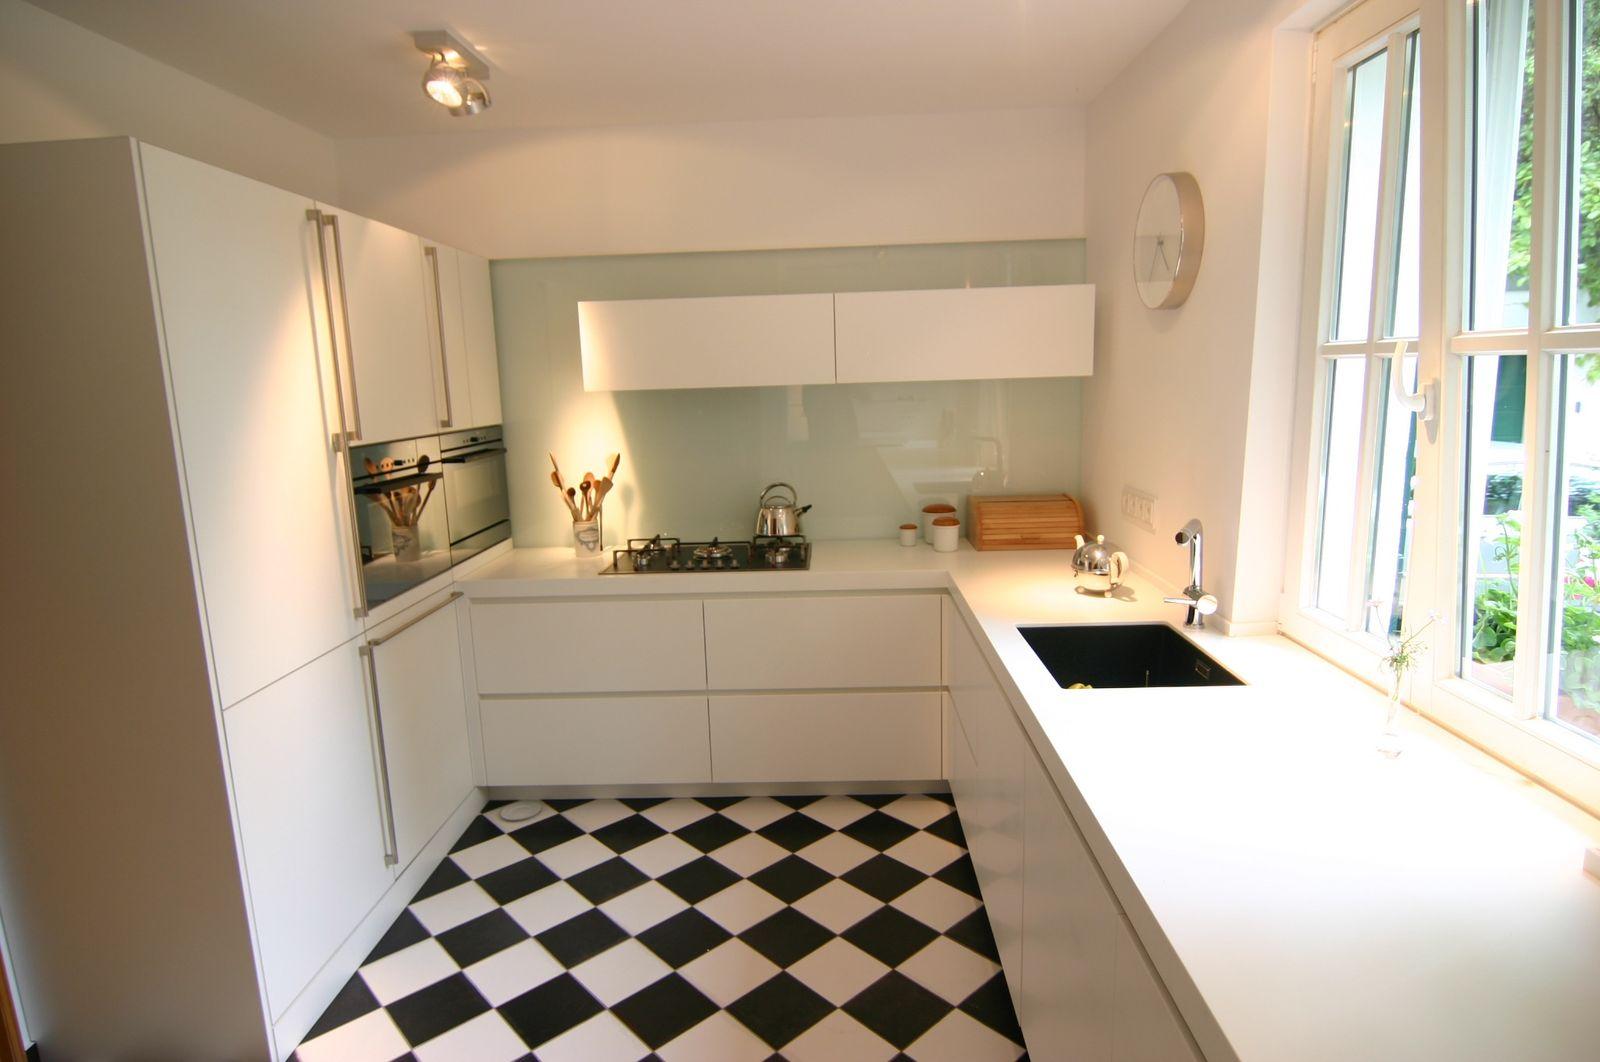 plan 3 küche / Moderne Kontraste /